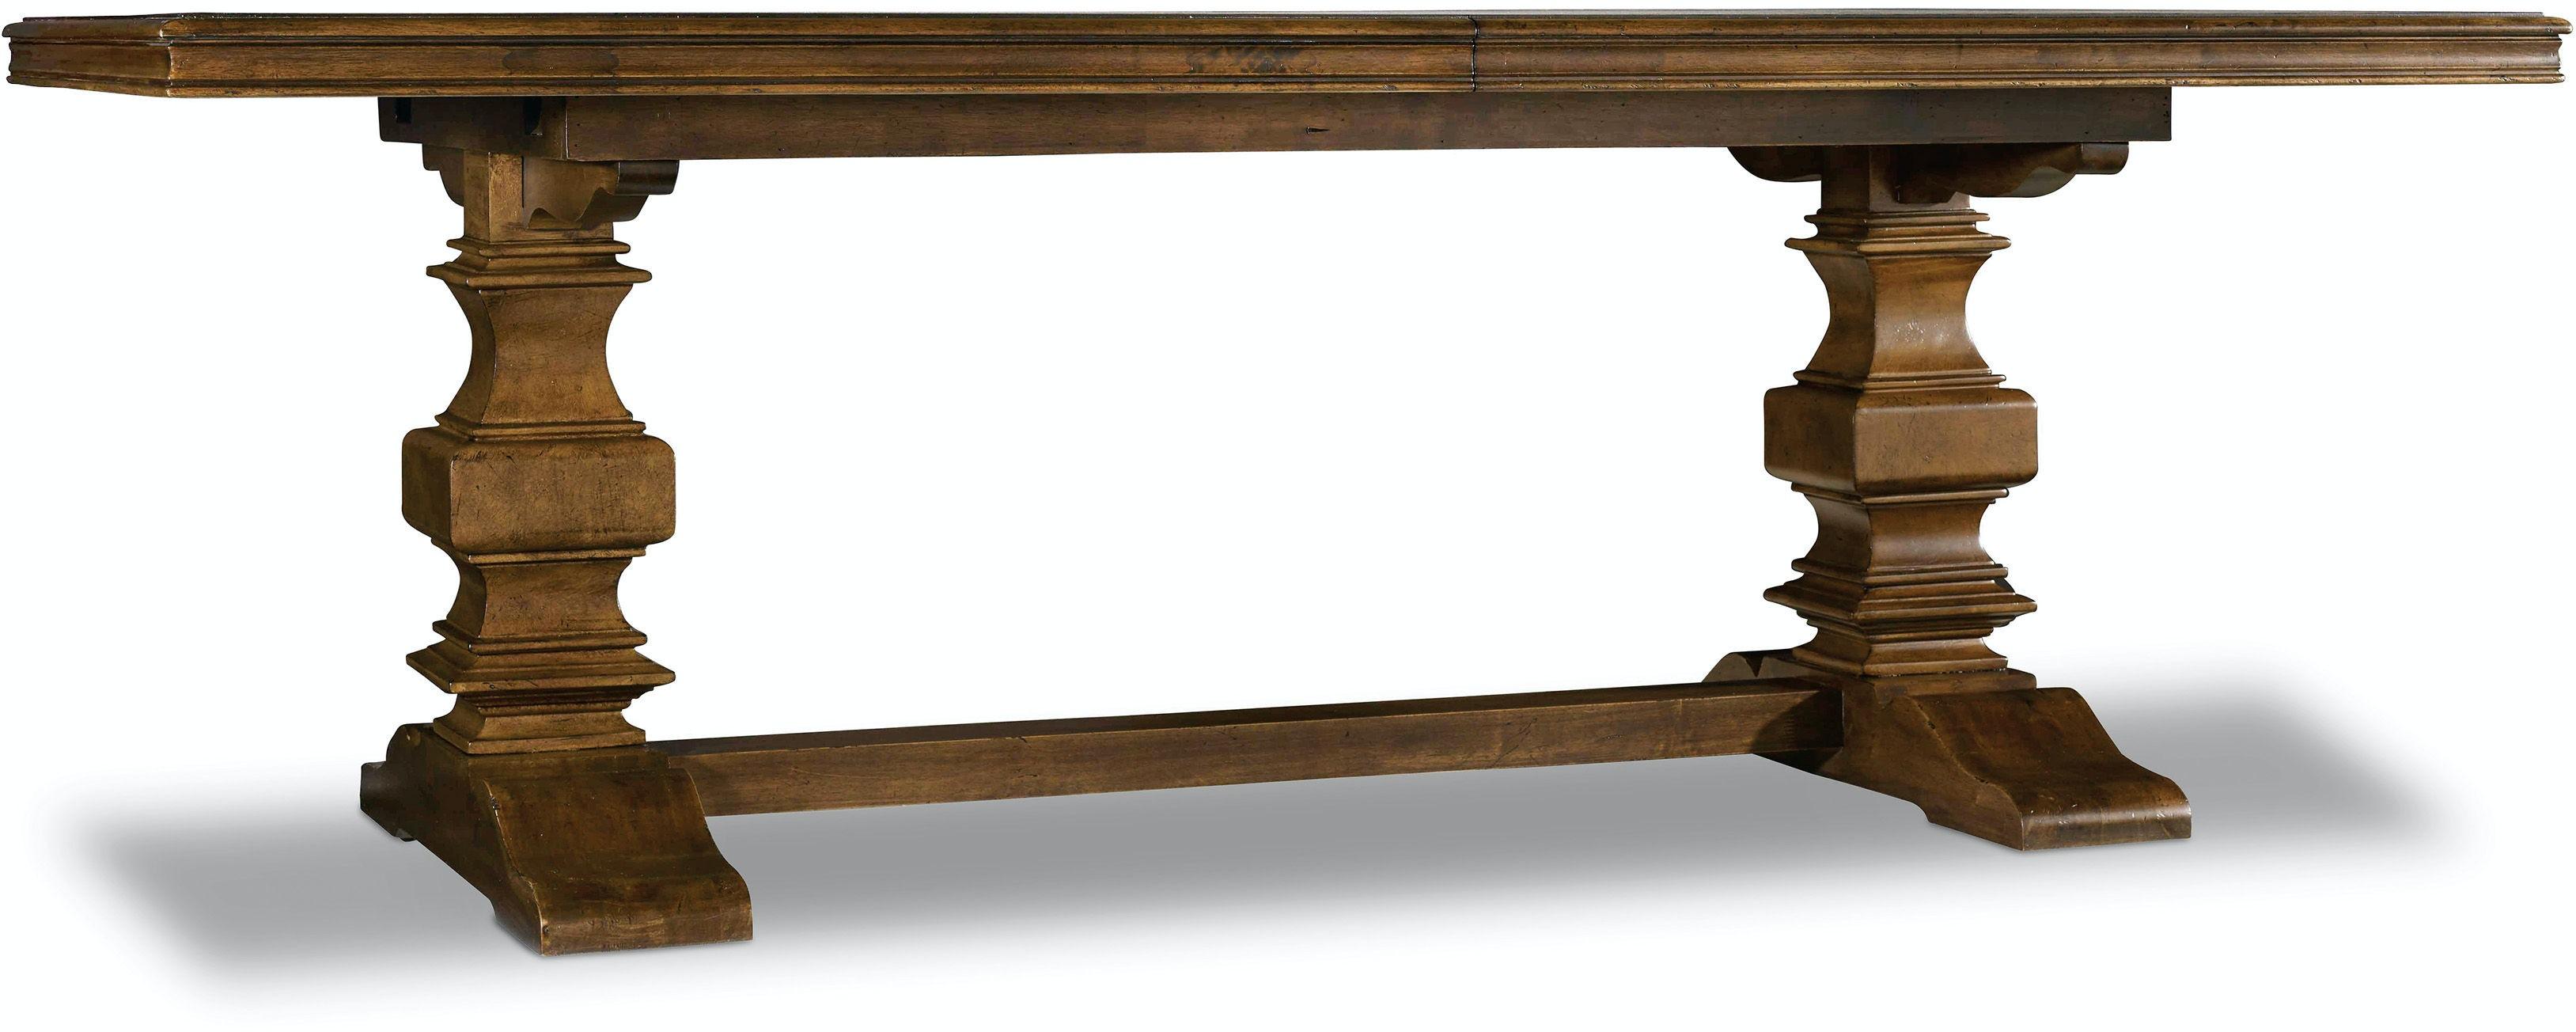 hooker furniture dining room archivist trestle table w 2 18in leaves 5447 75206. Black Bedroom Furniture Sets. Home Design Ideas